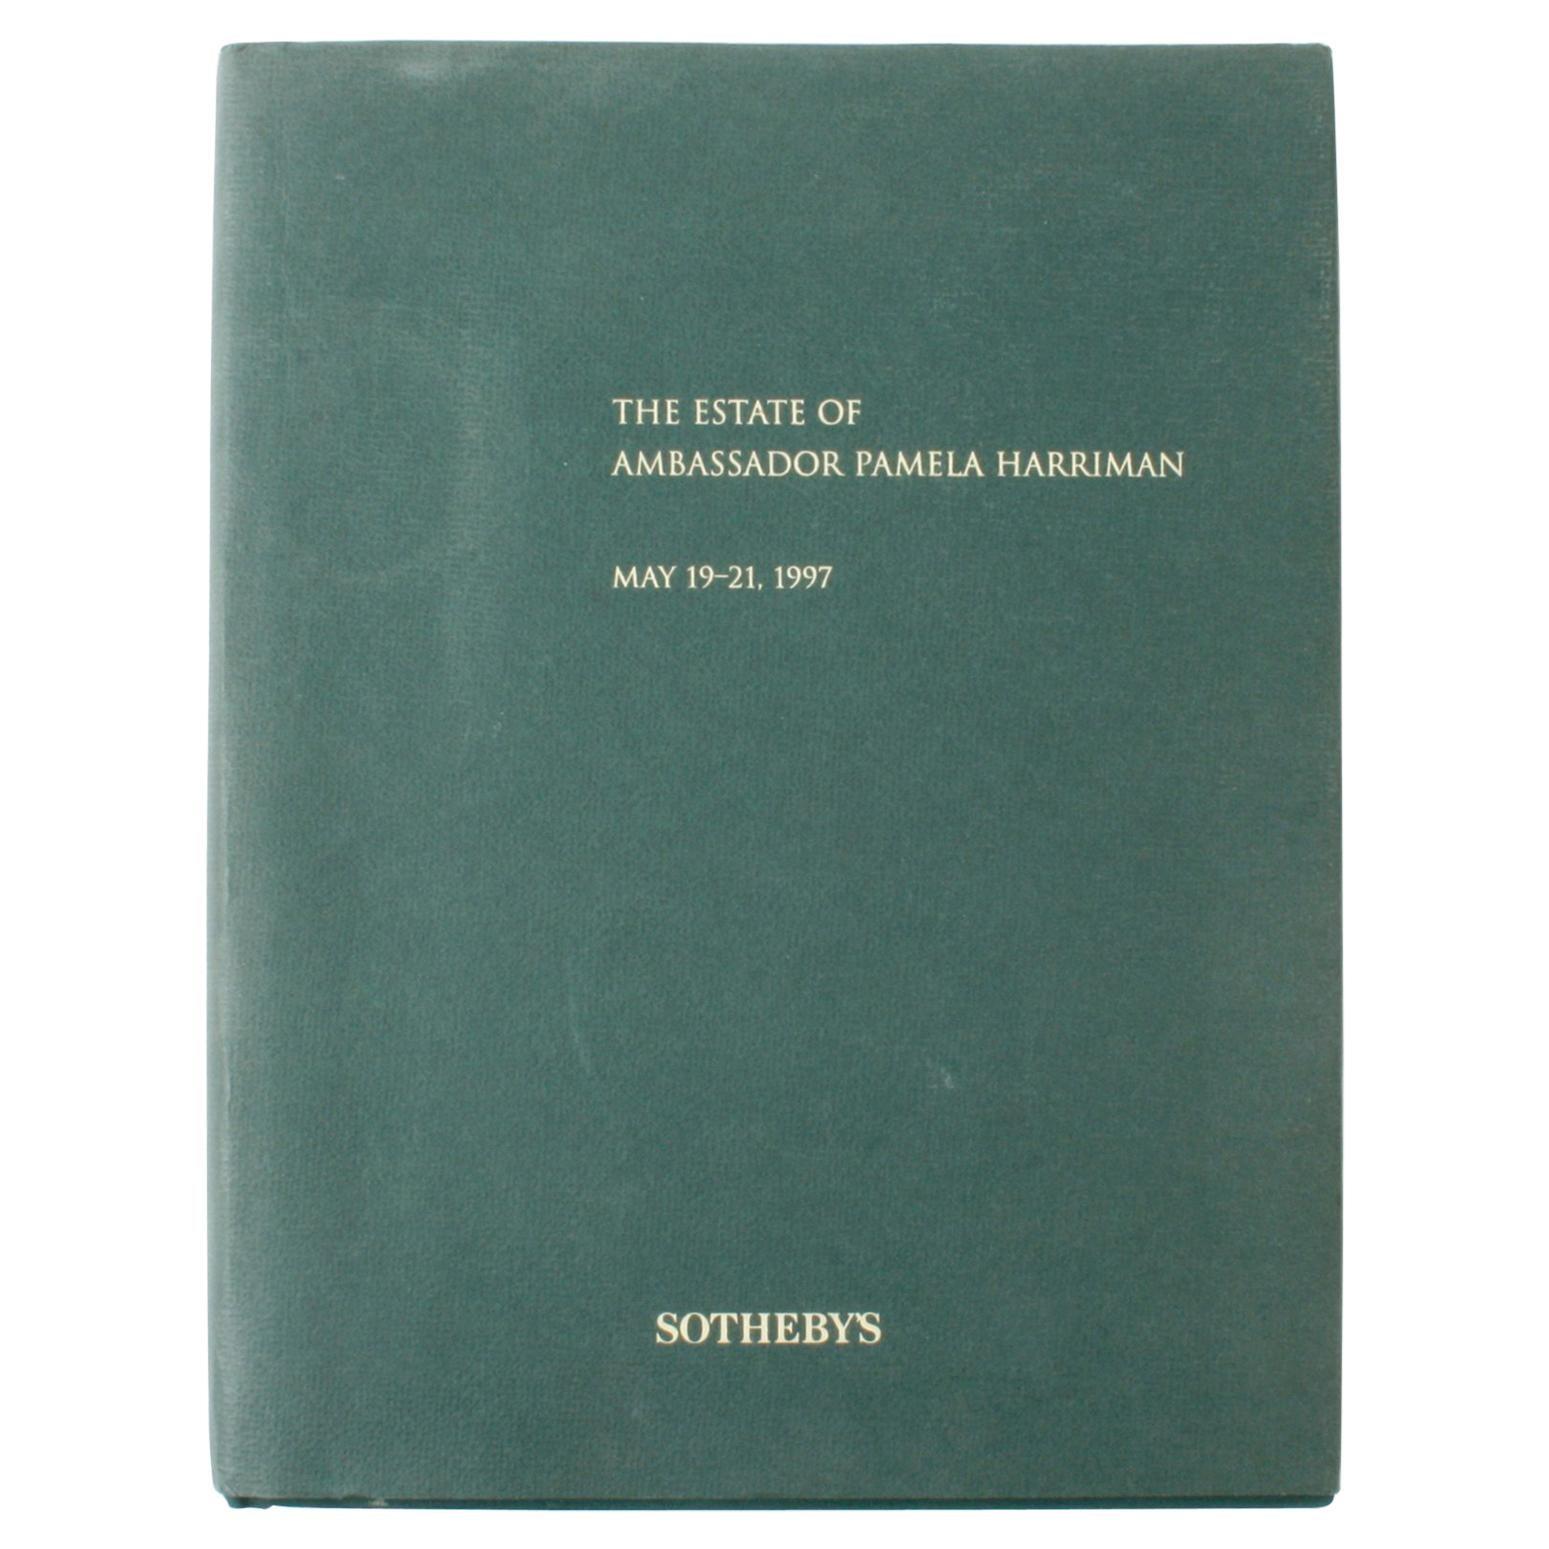 Sotheby's, the Estate of Ambassador Pamela Harriman